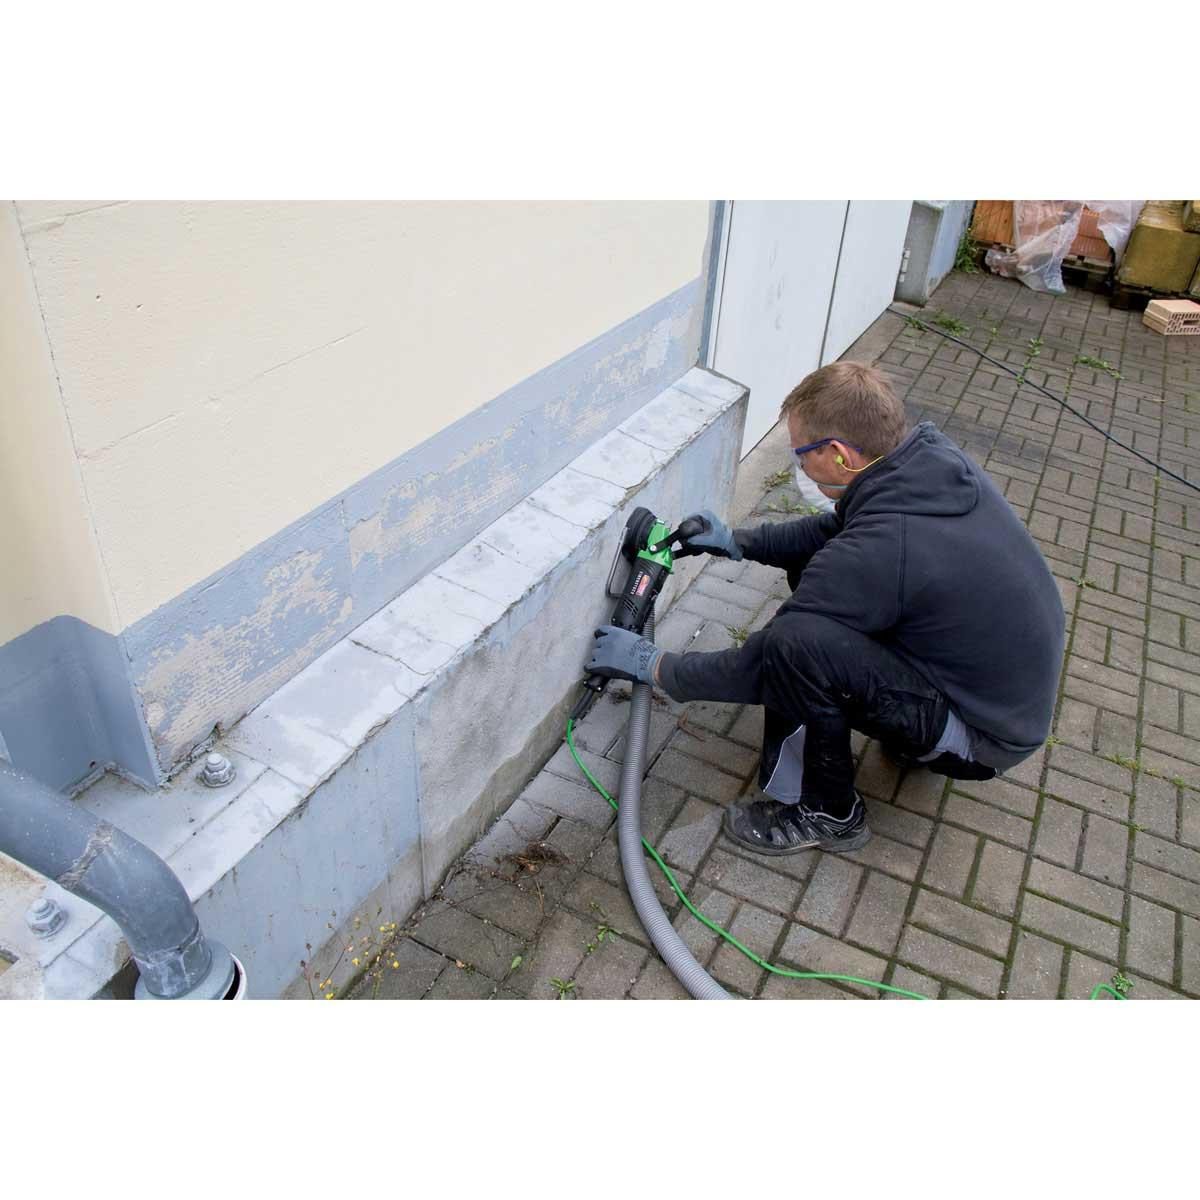 Carbide milling disc concrete grind